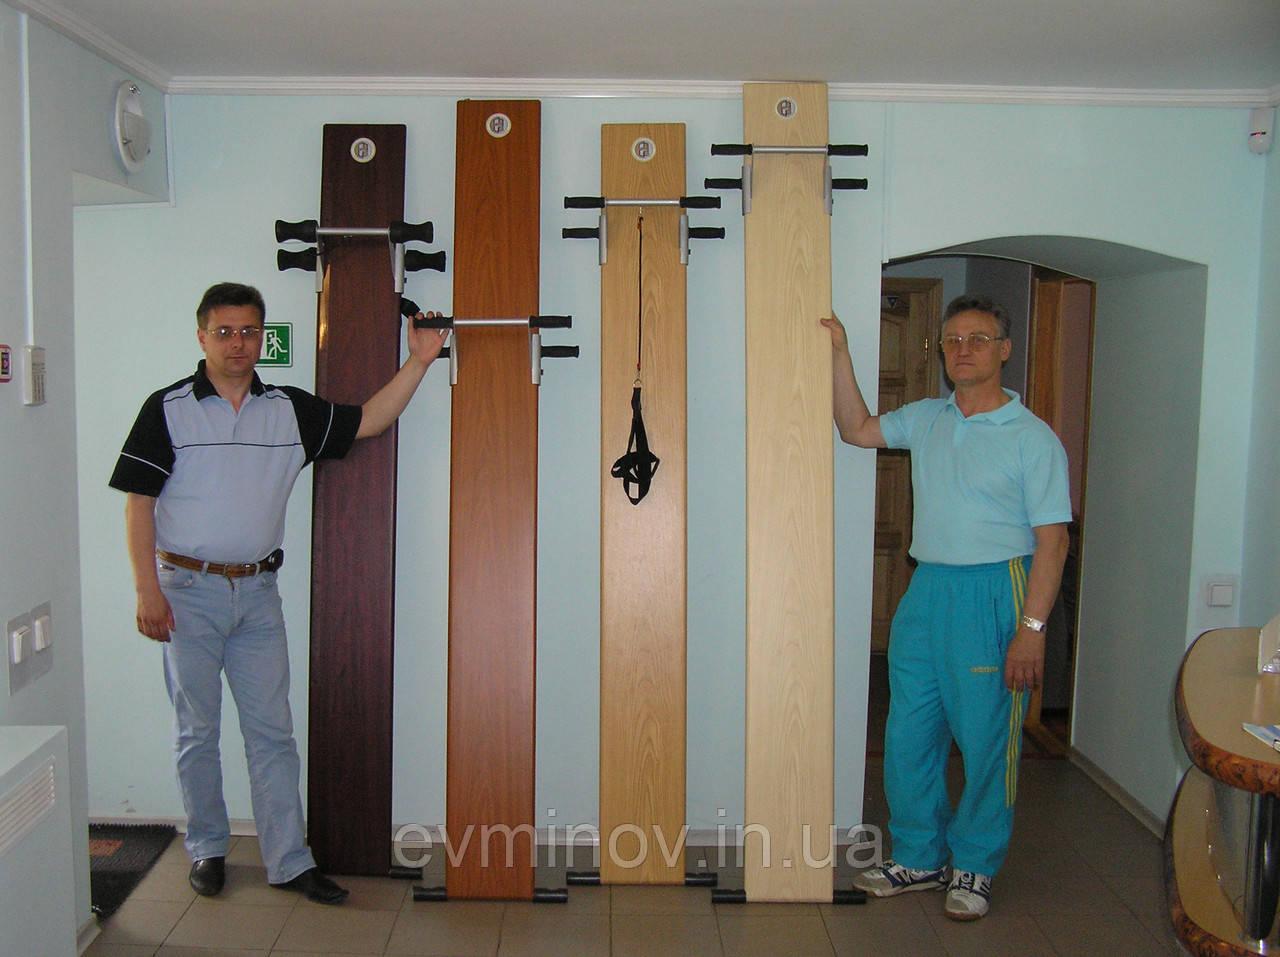 Доска Евминова - Спецзаказ при росте выше 194 см, цвет светлый (оригинал)